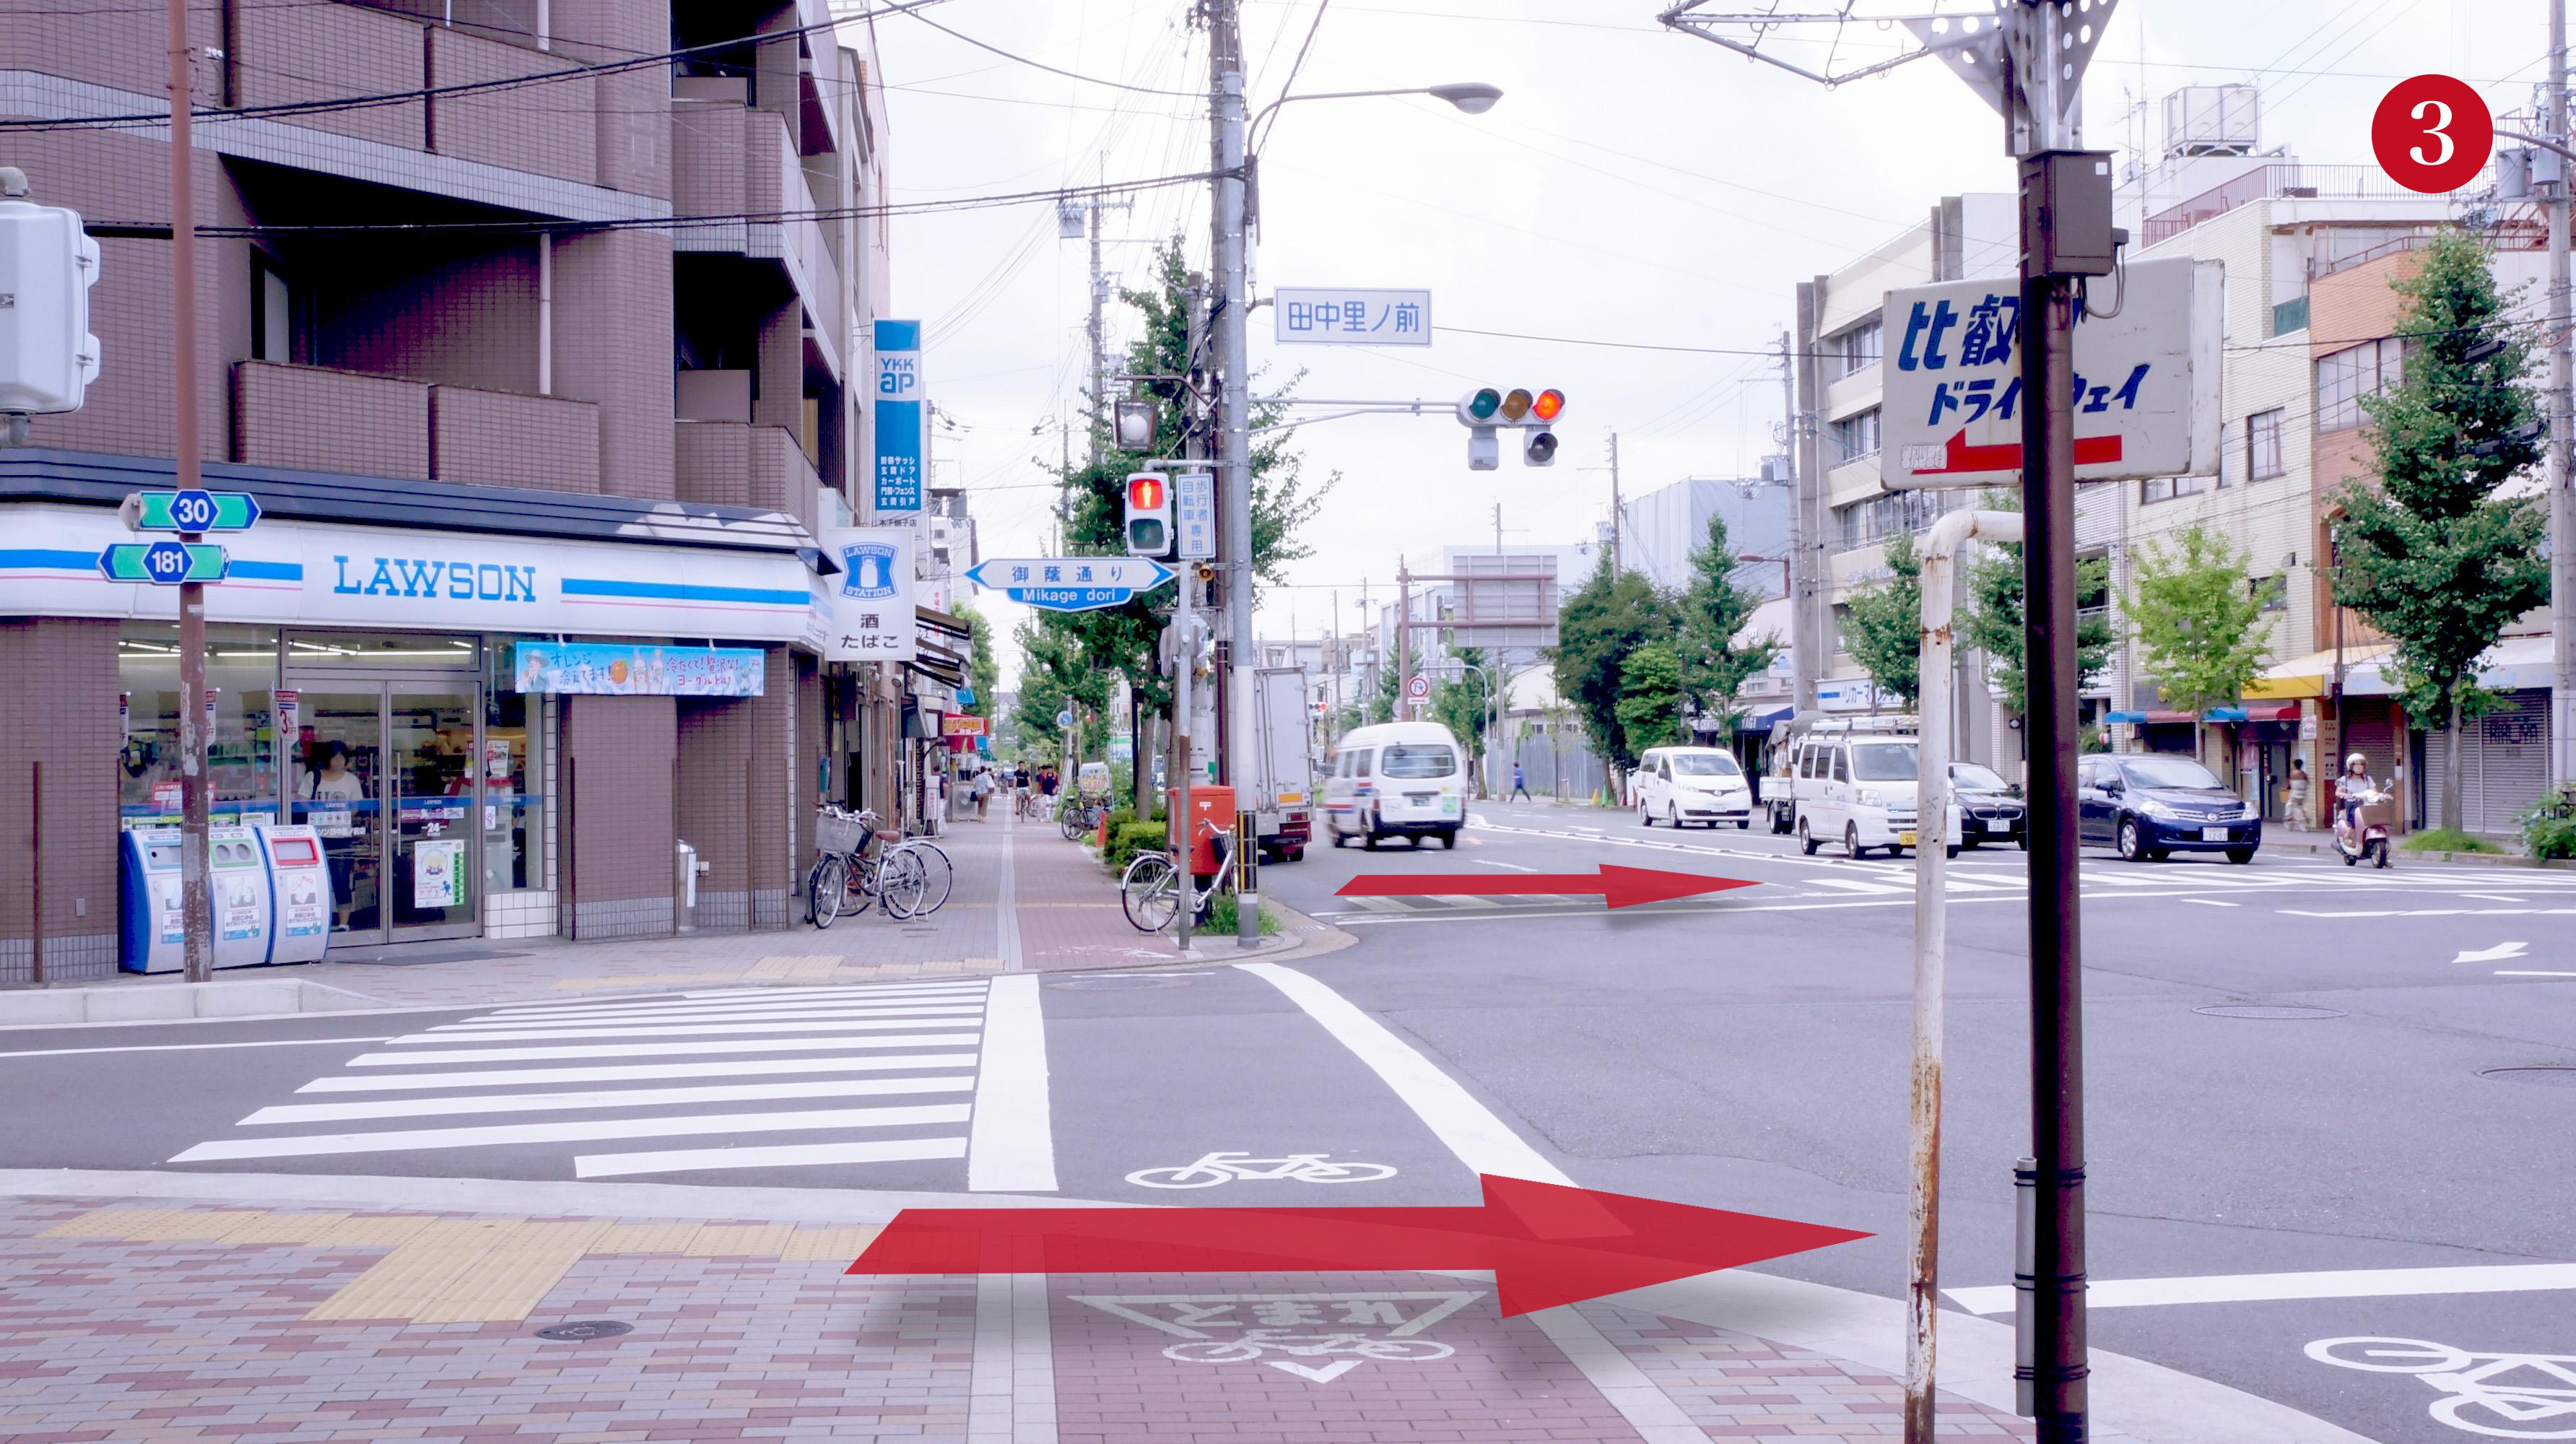 田中里ノ前交差点東側-ローソンさん